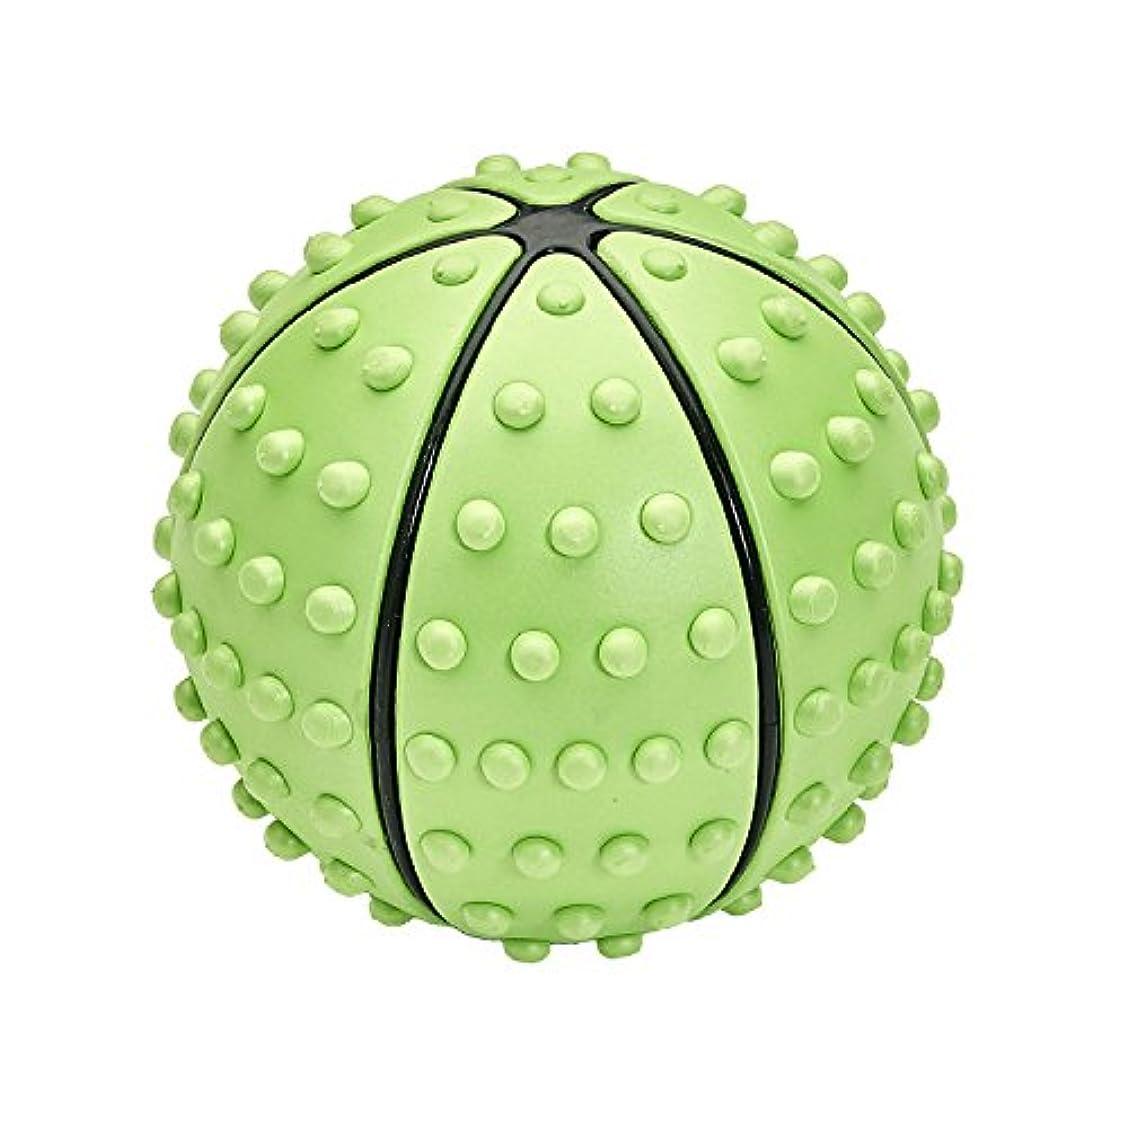 置き場思慮のないペインIRONMAN CLUB(鉄人倶楽部) 指圧 ストレッチ ボール KW-900 リフレッシュ トレーニング こりほぐし